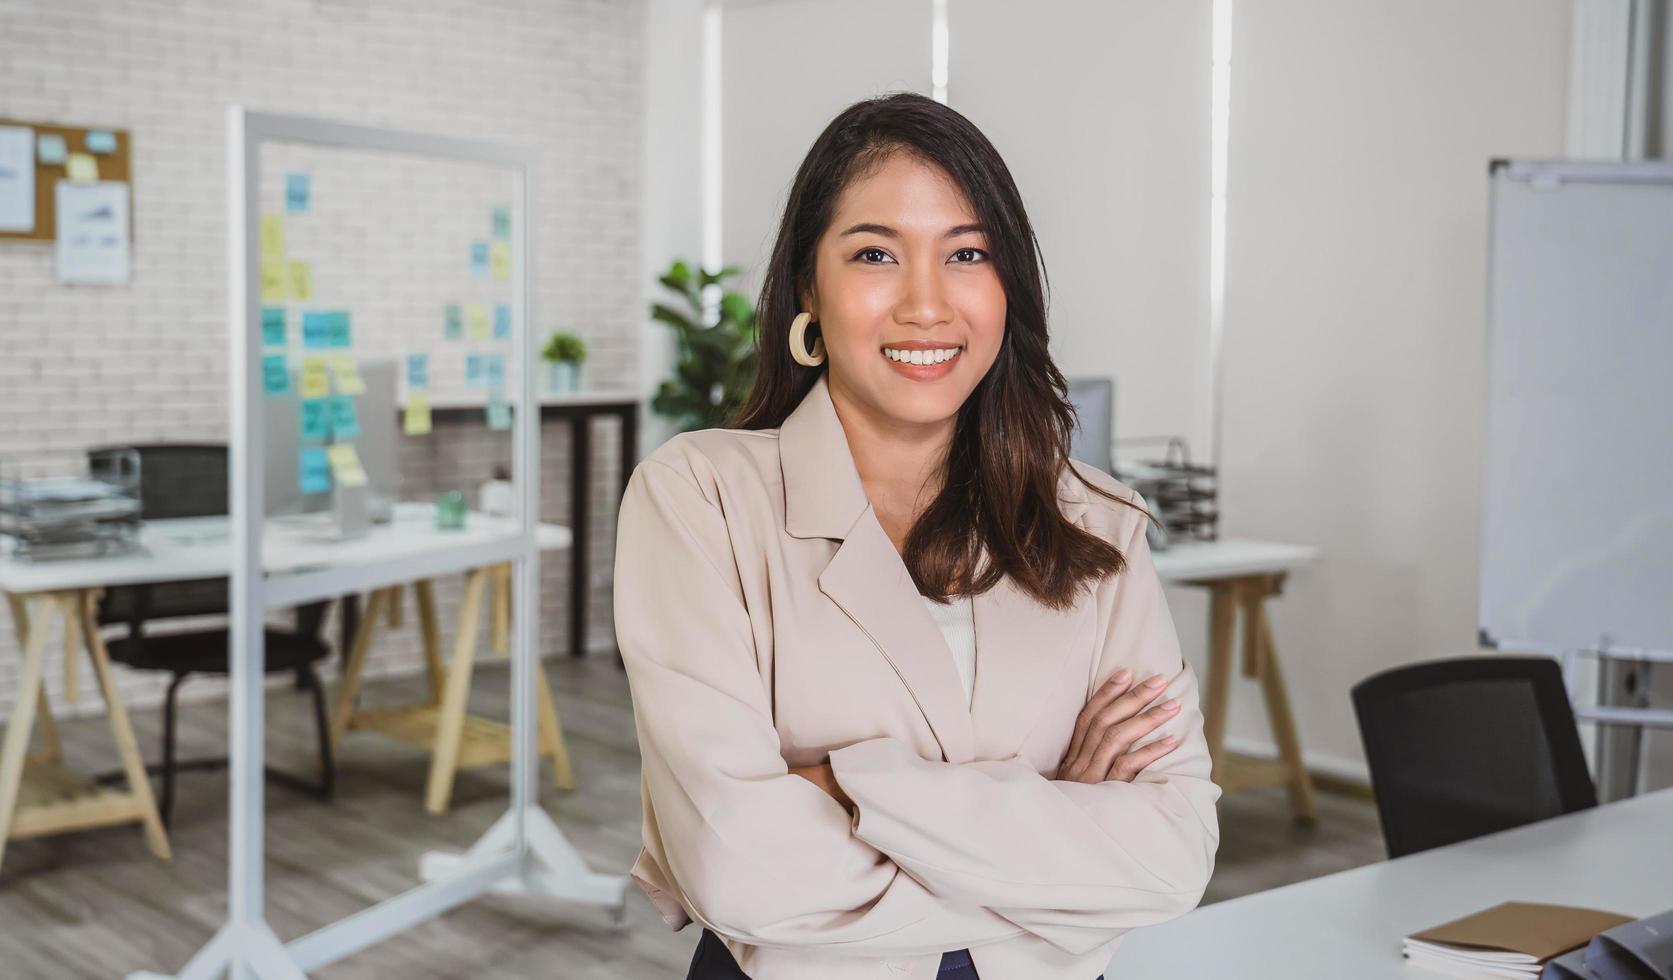 Retrato de una mujer de negocios asiática en un lugar de trabajo moderno foto